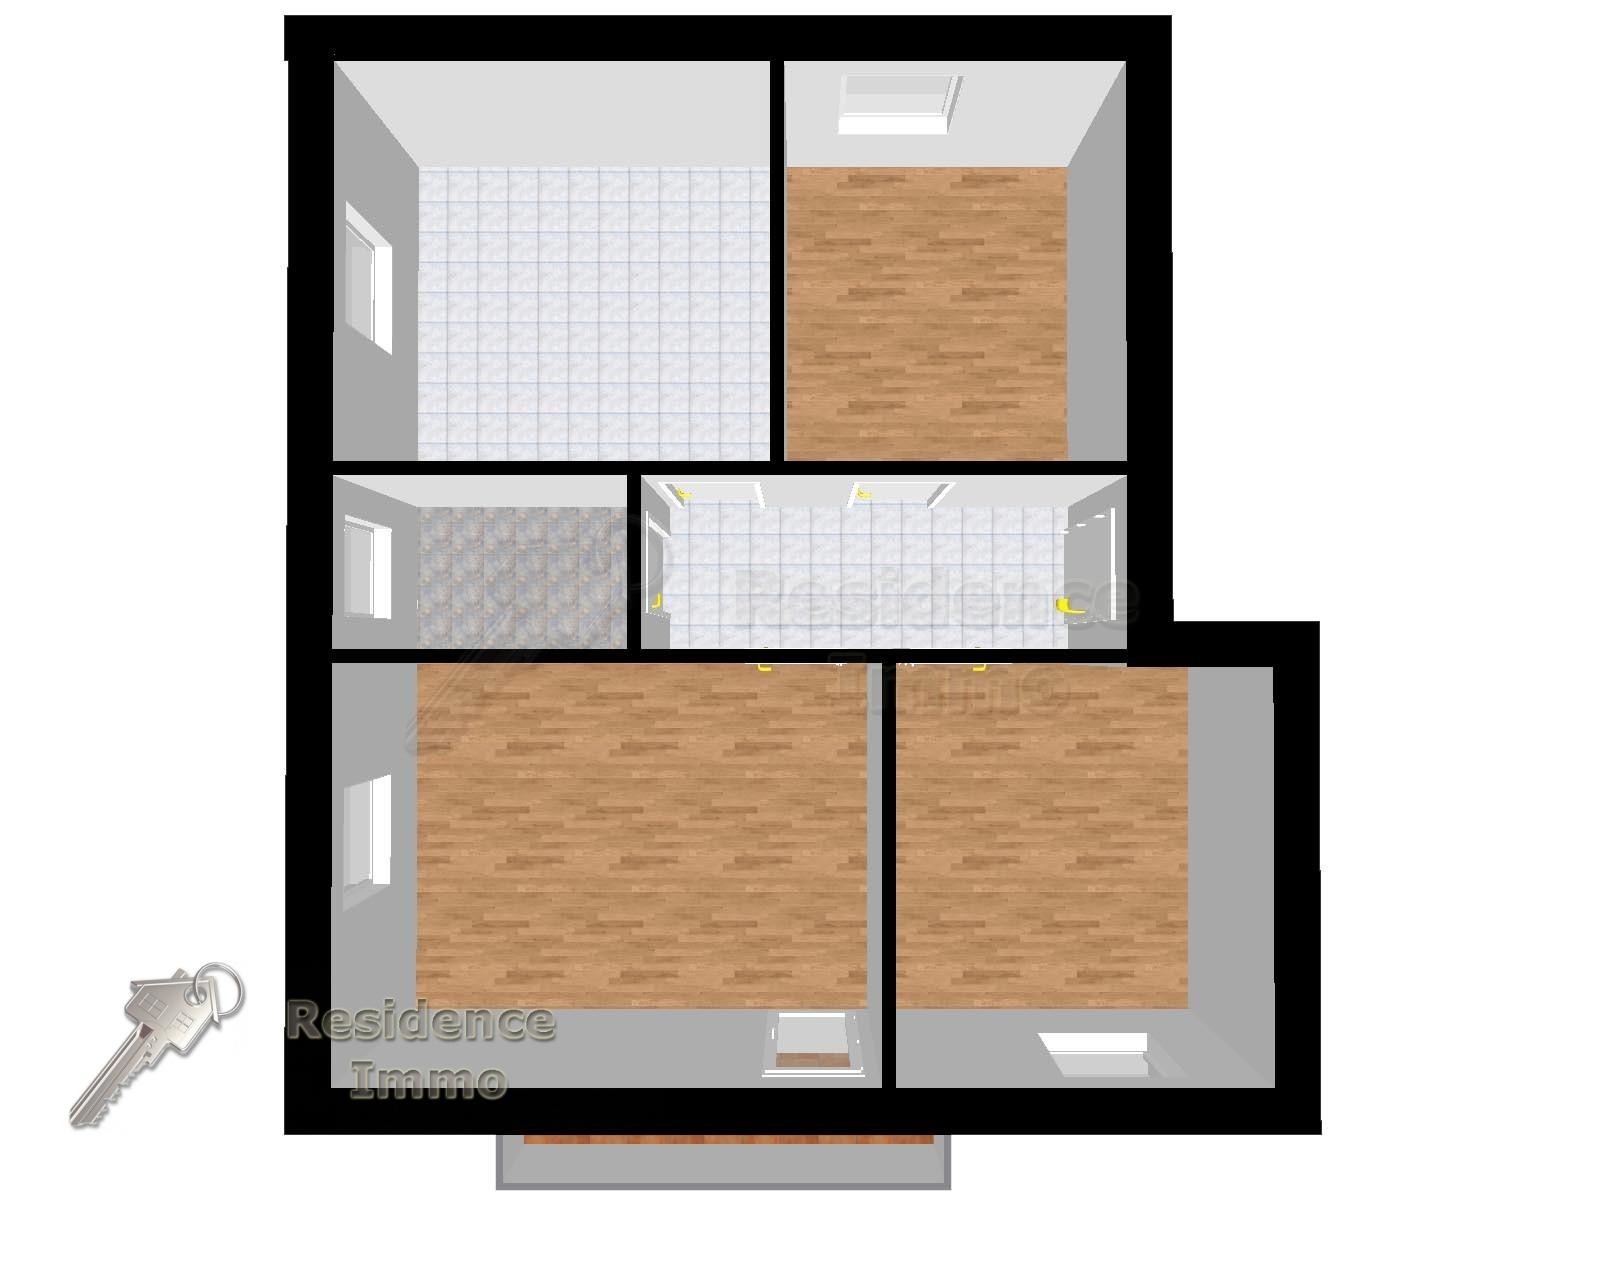 Appartamento in vendita a Bolzano, 4 locali, zona Zona: Residenziale, prezzo € 230.000 | Cambio Casa.it